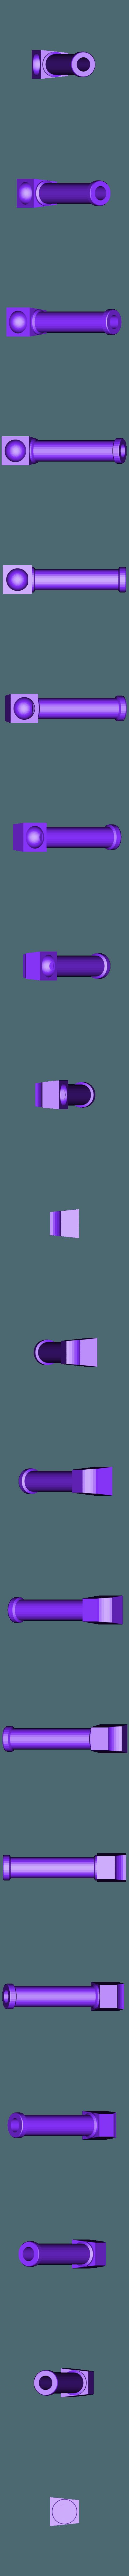 PistonBarrelLong.stl Télécharger fichier STL gratuit Pistons ajustables pour les types de soldats interstellaires chez les chiens de guerre géants • Objet imprimable en 3D, FelixTheCrazy